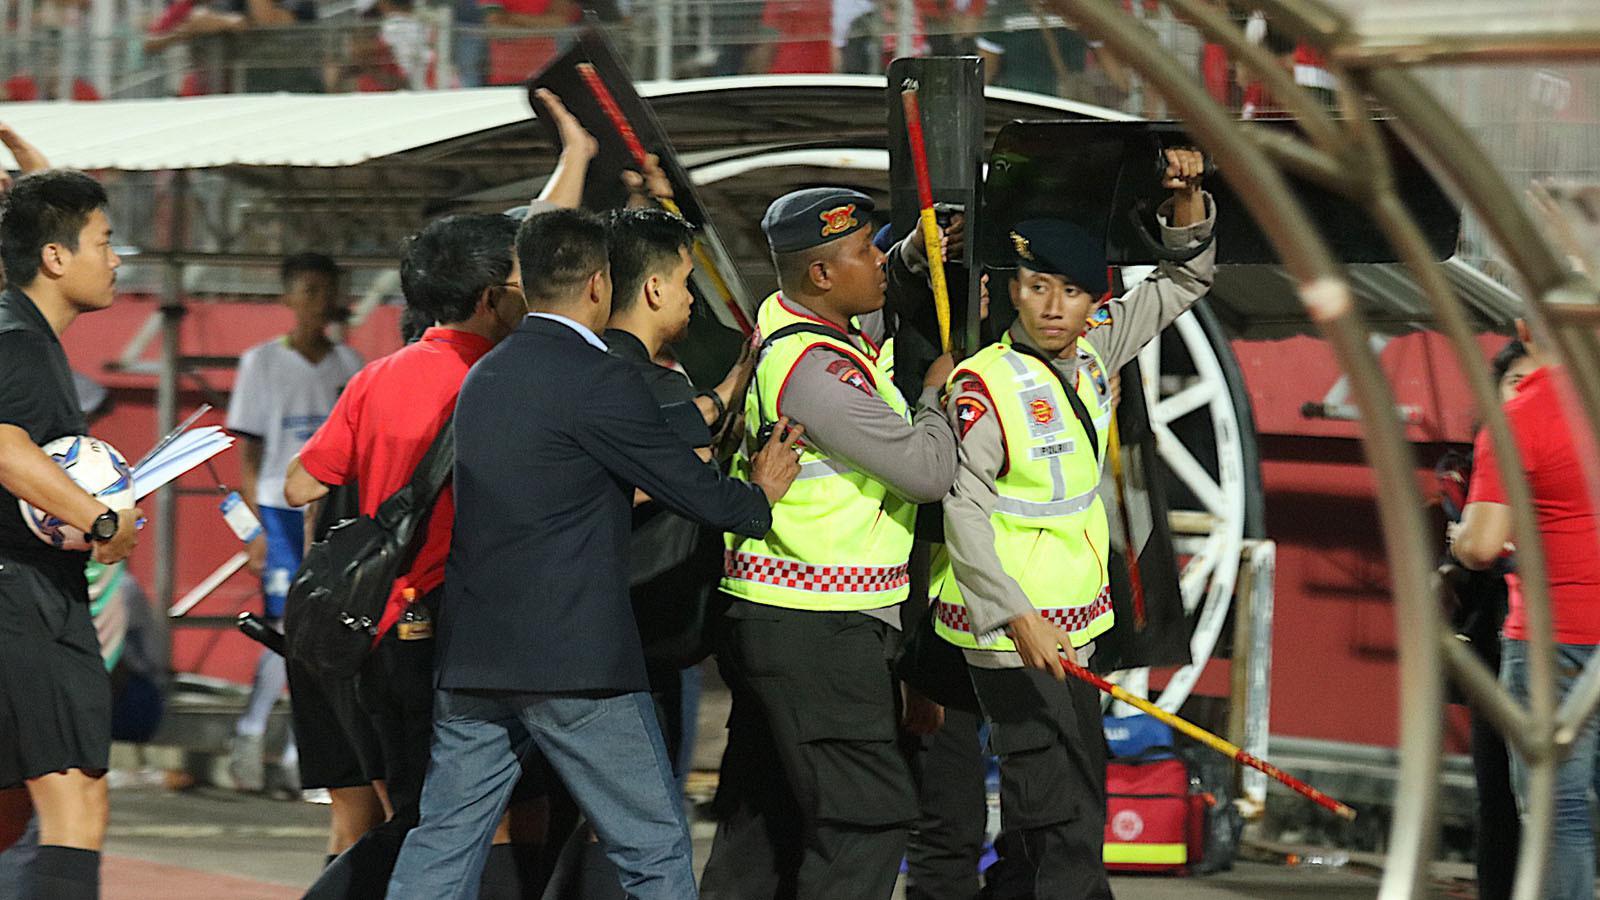 Wasit saat duel Malaysia vs Indonesia di semifinal Piala AFF U-19 2018 (12/7/2018) di Stadion Gelora Delta, Sidoarjo, mendapat perlindungan dari aparat keamanan. (Bola.com/Aditya Wany)